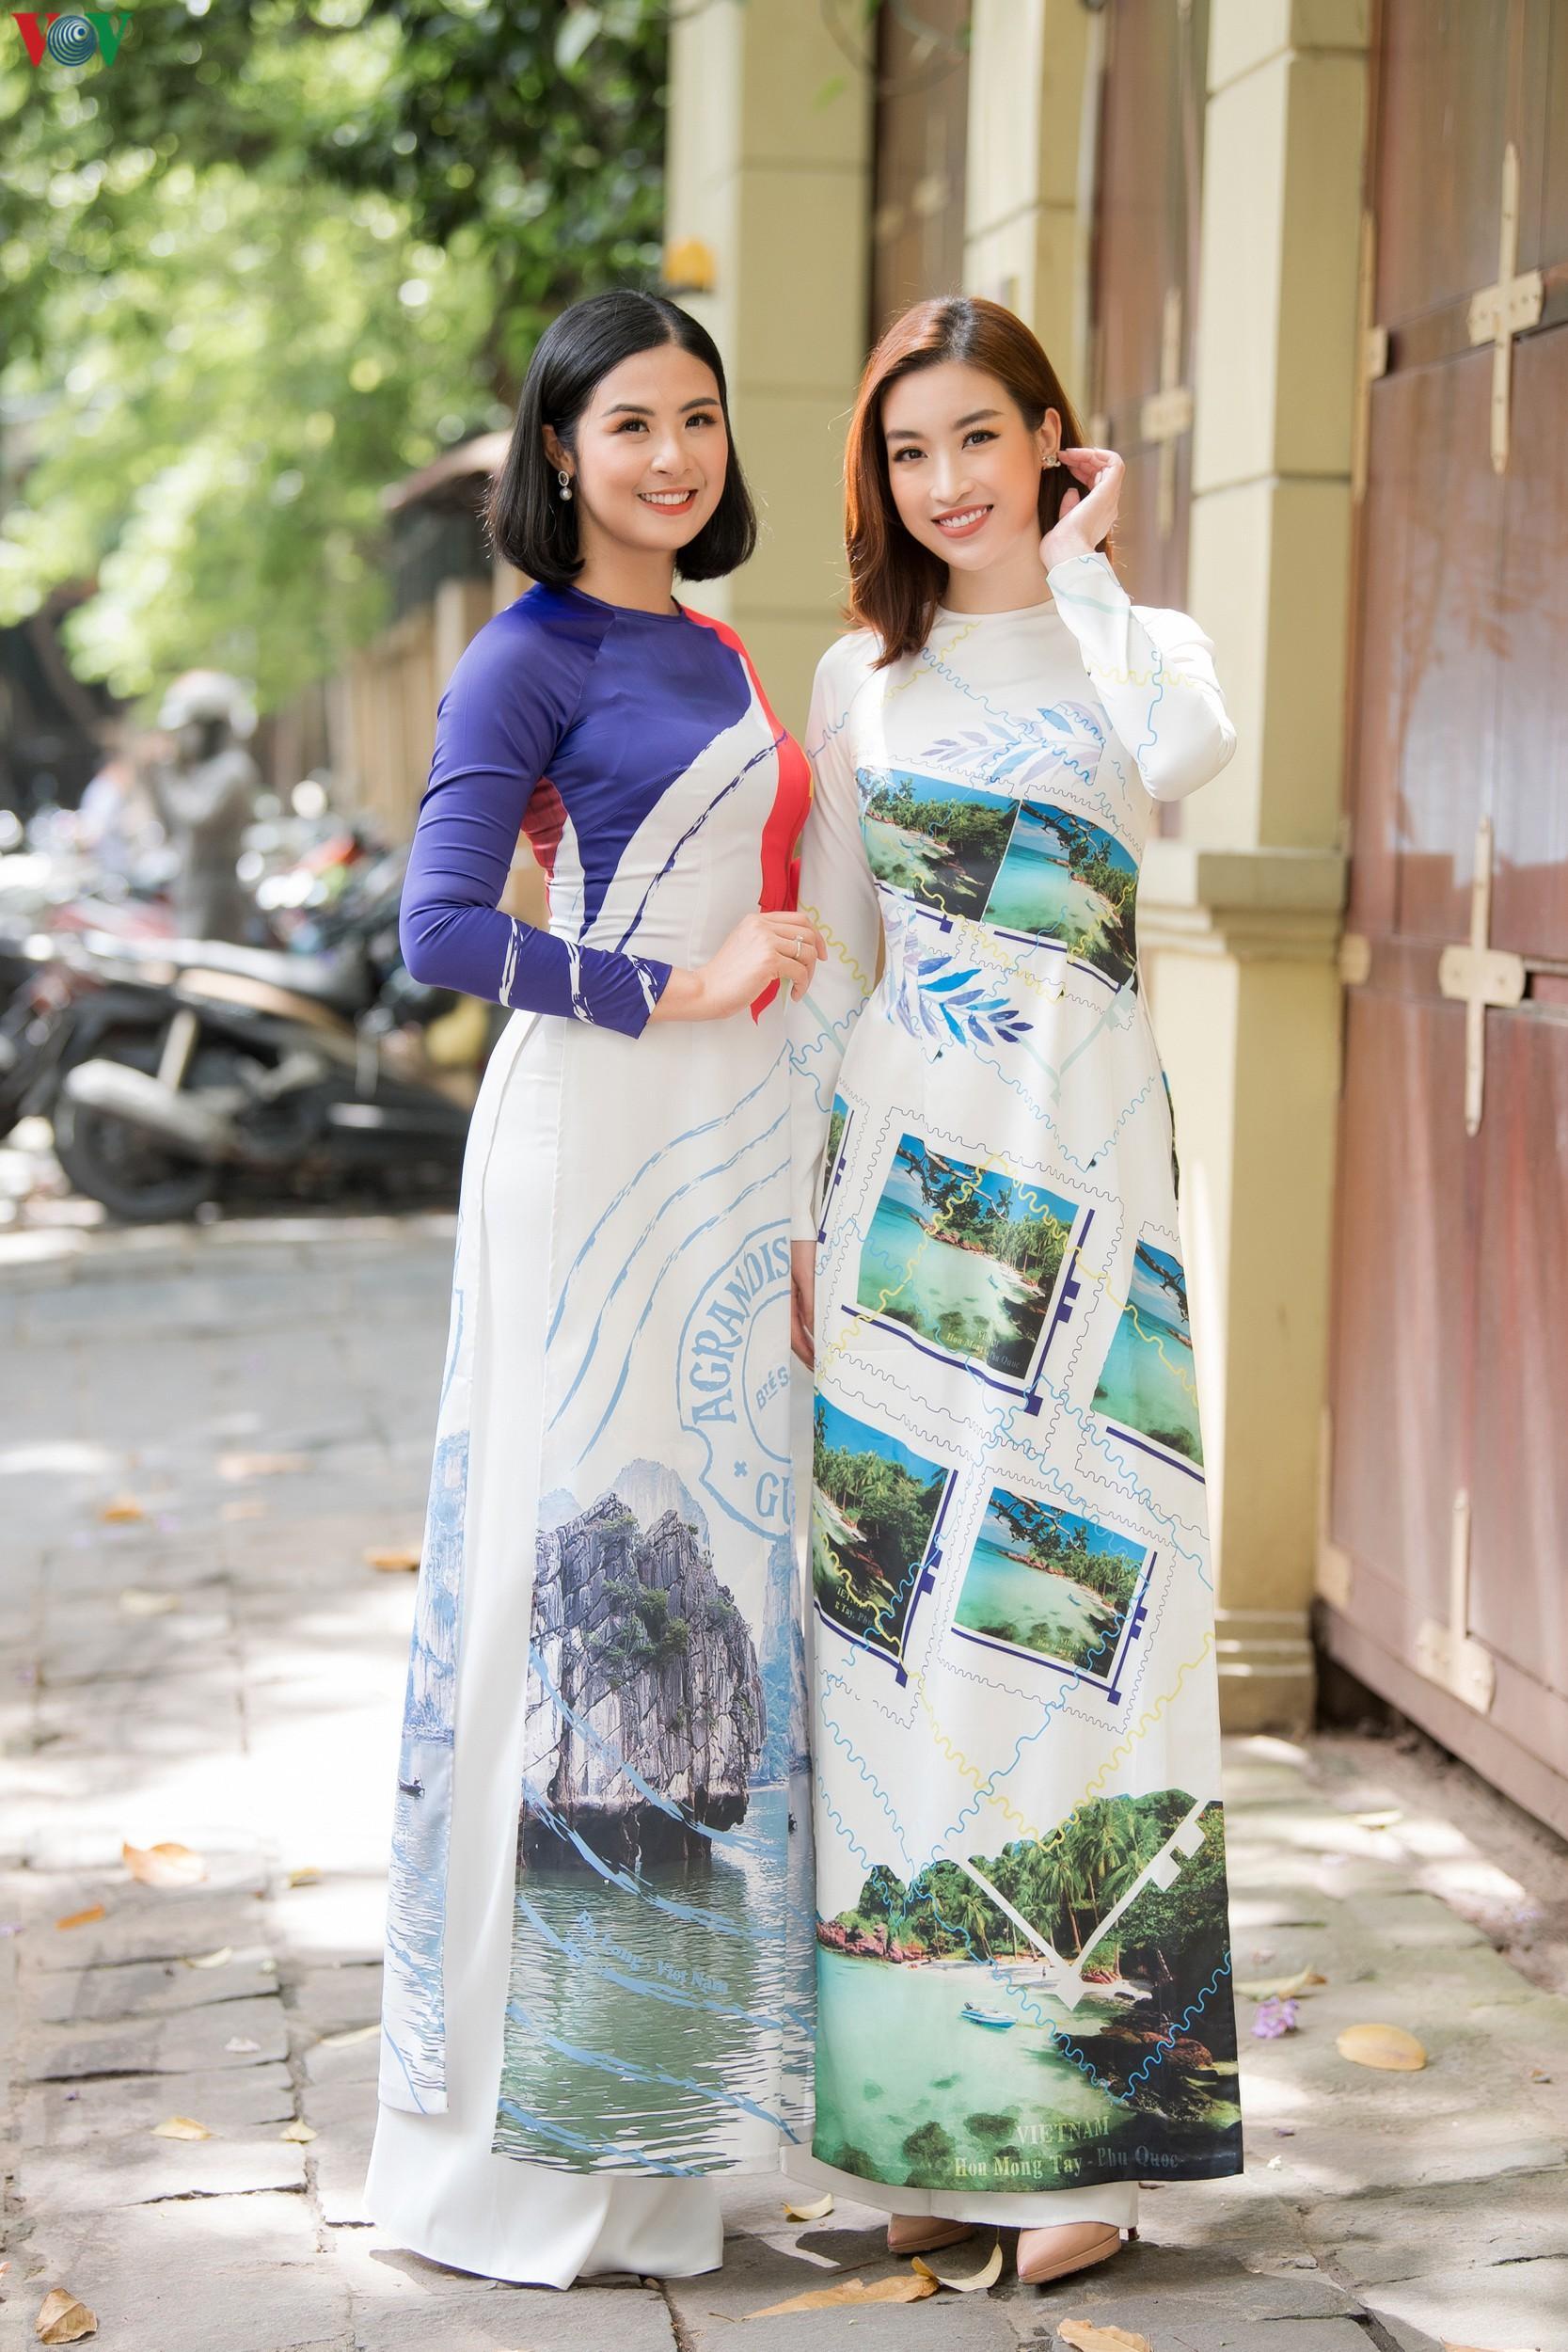 Hoa hậu Ngọc Hân, Đỗ Mỹ Linh đọ dáng với áo dài in hình biển đảo Ảnh 3